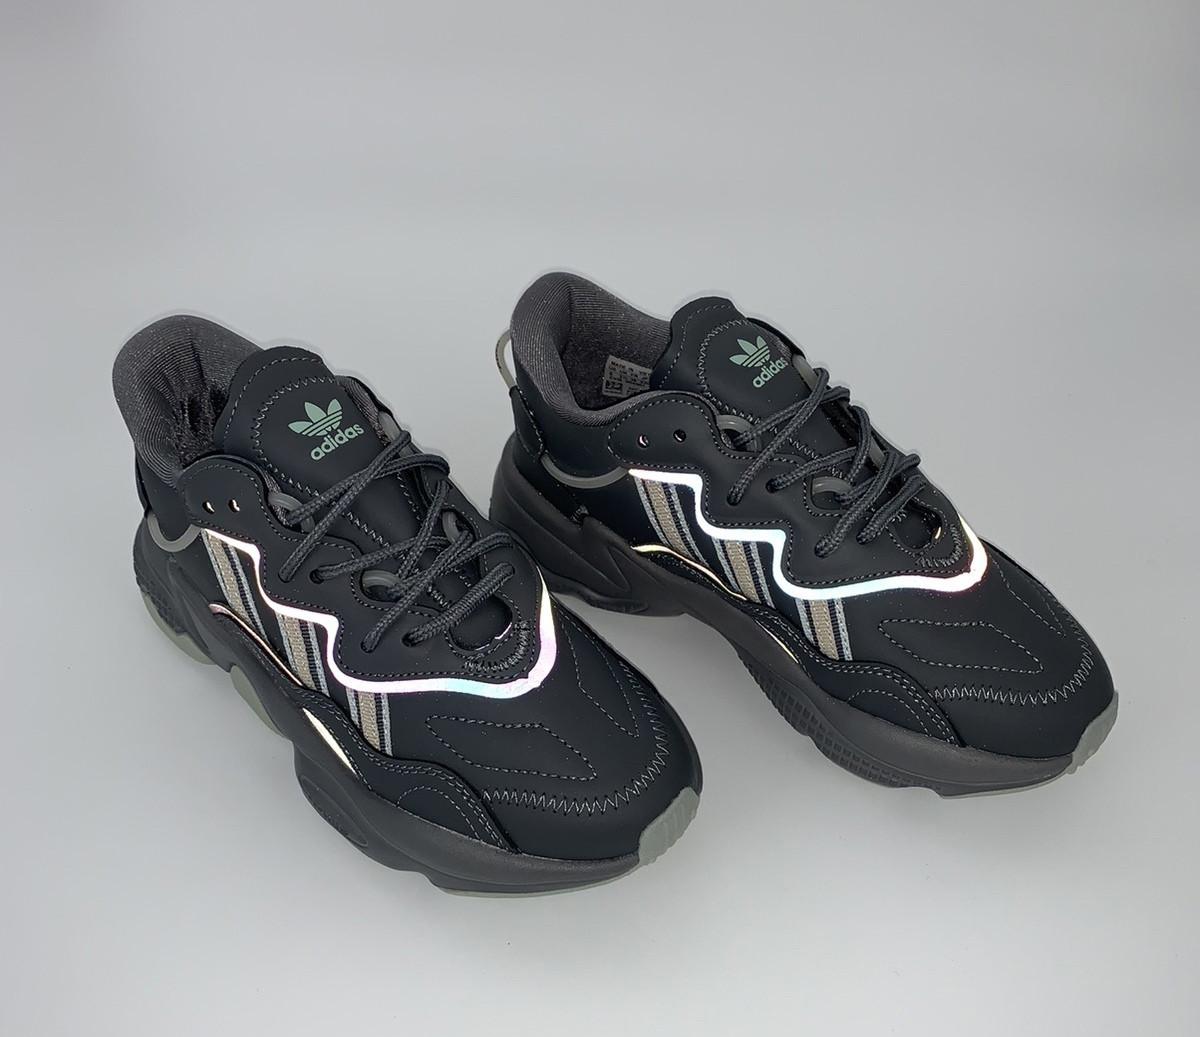 Мужские кроссовки Adidas Ozweego в стиле Адидас Озвиго Серые (Реплика ААА+)